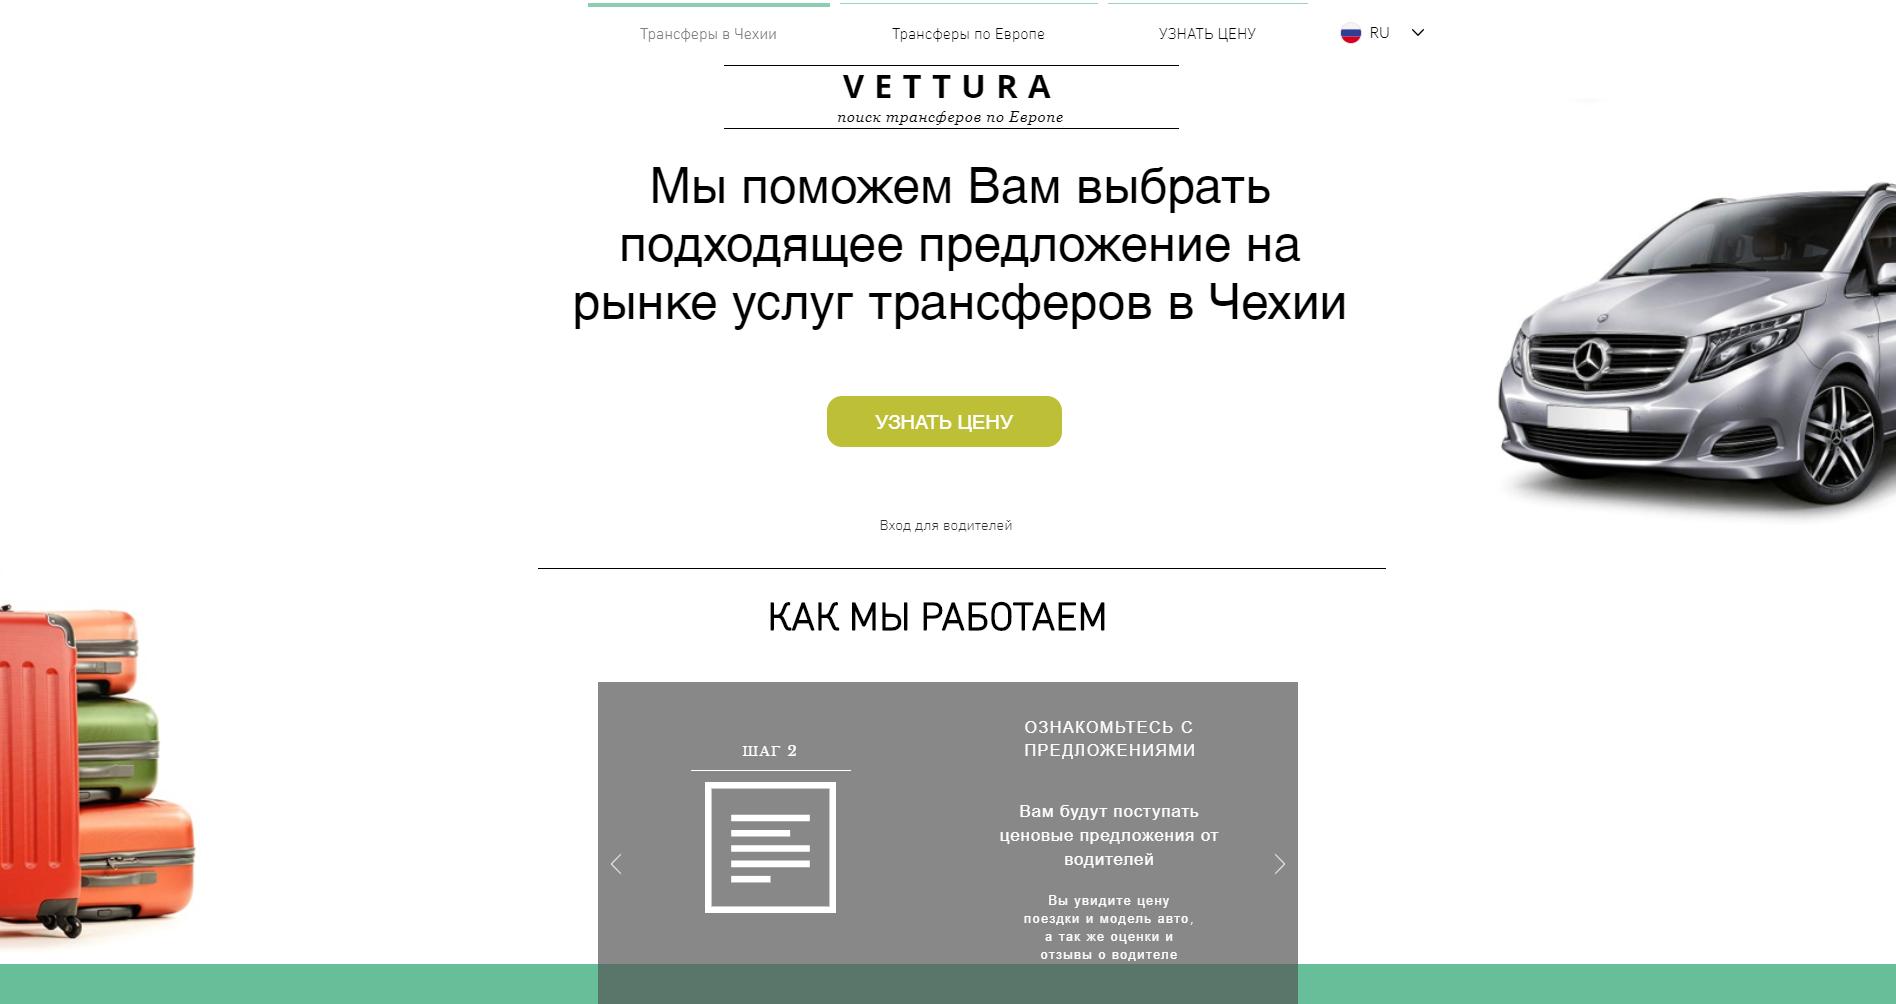 Веб приложение трансферов по европе